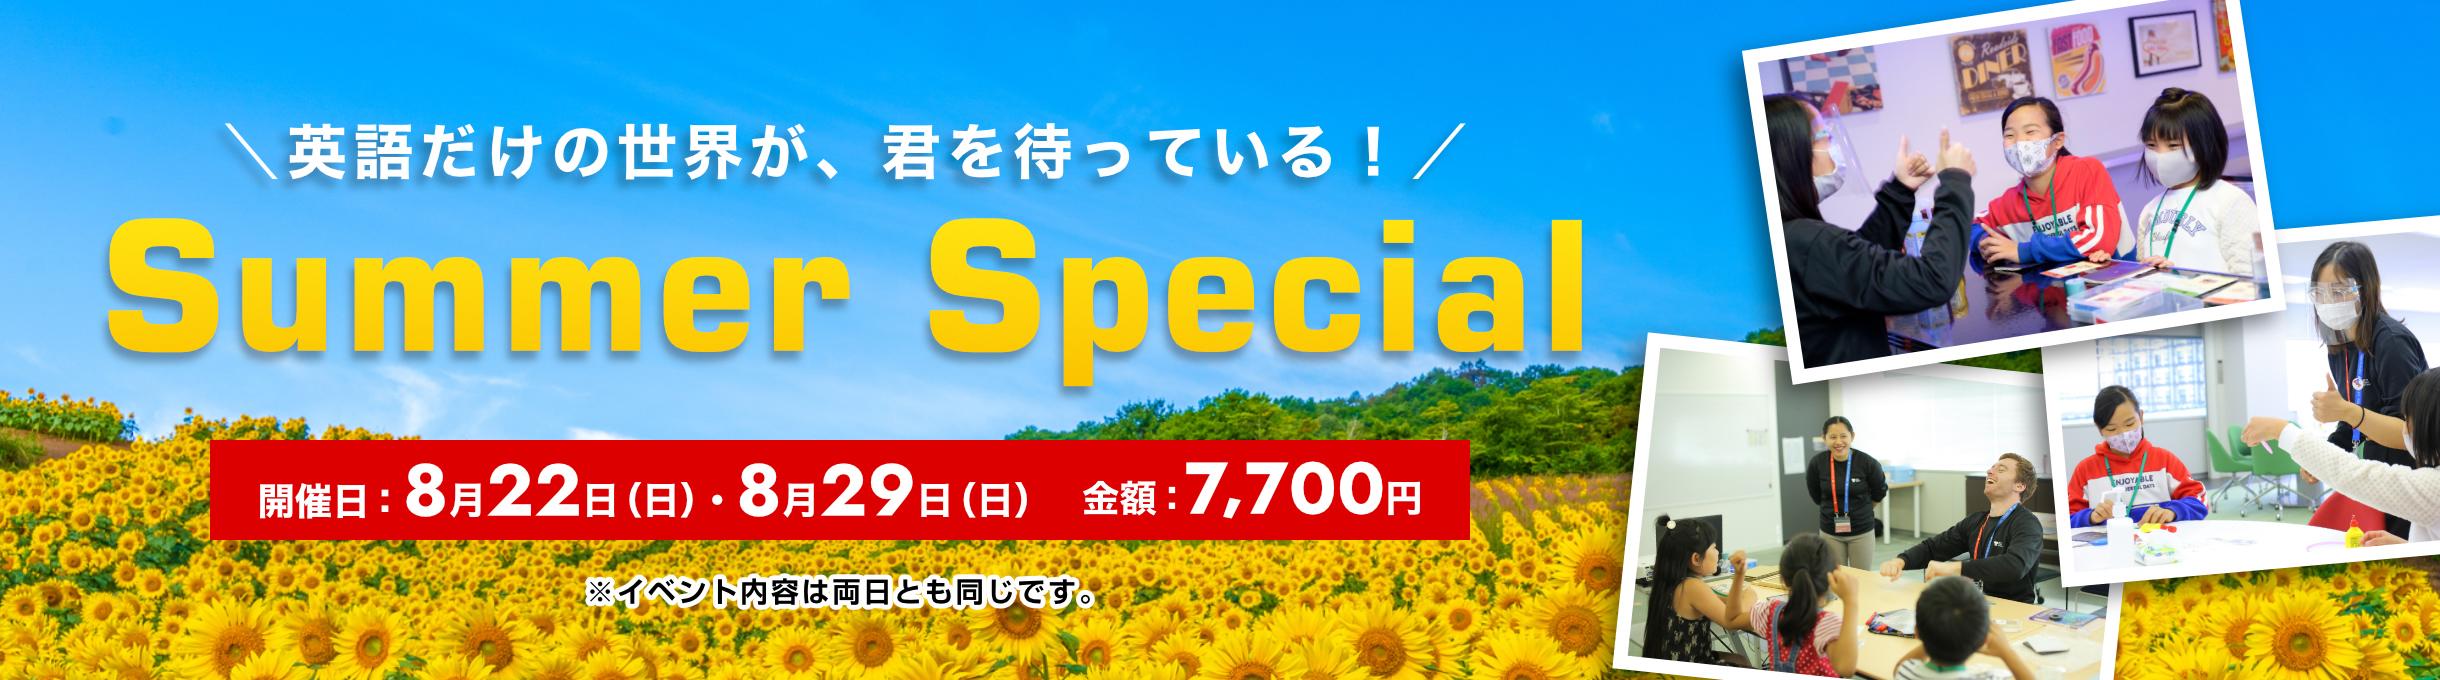 英語だけの世界が、君を待っている!Summer Special